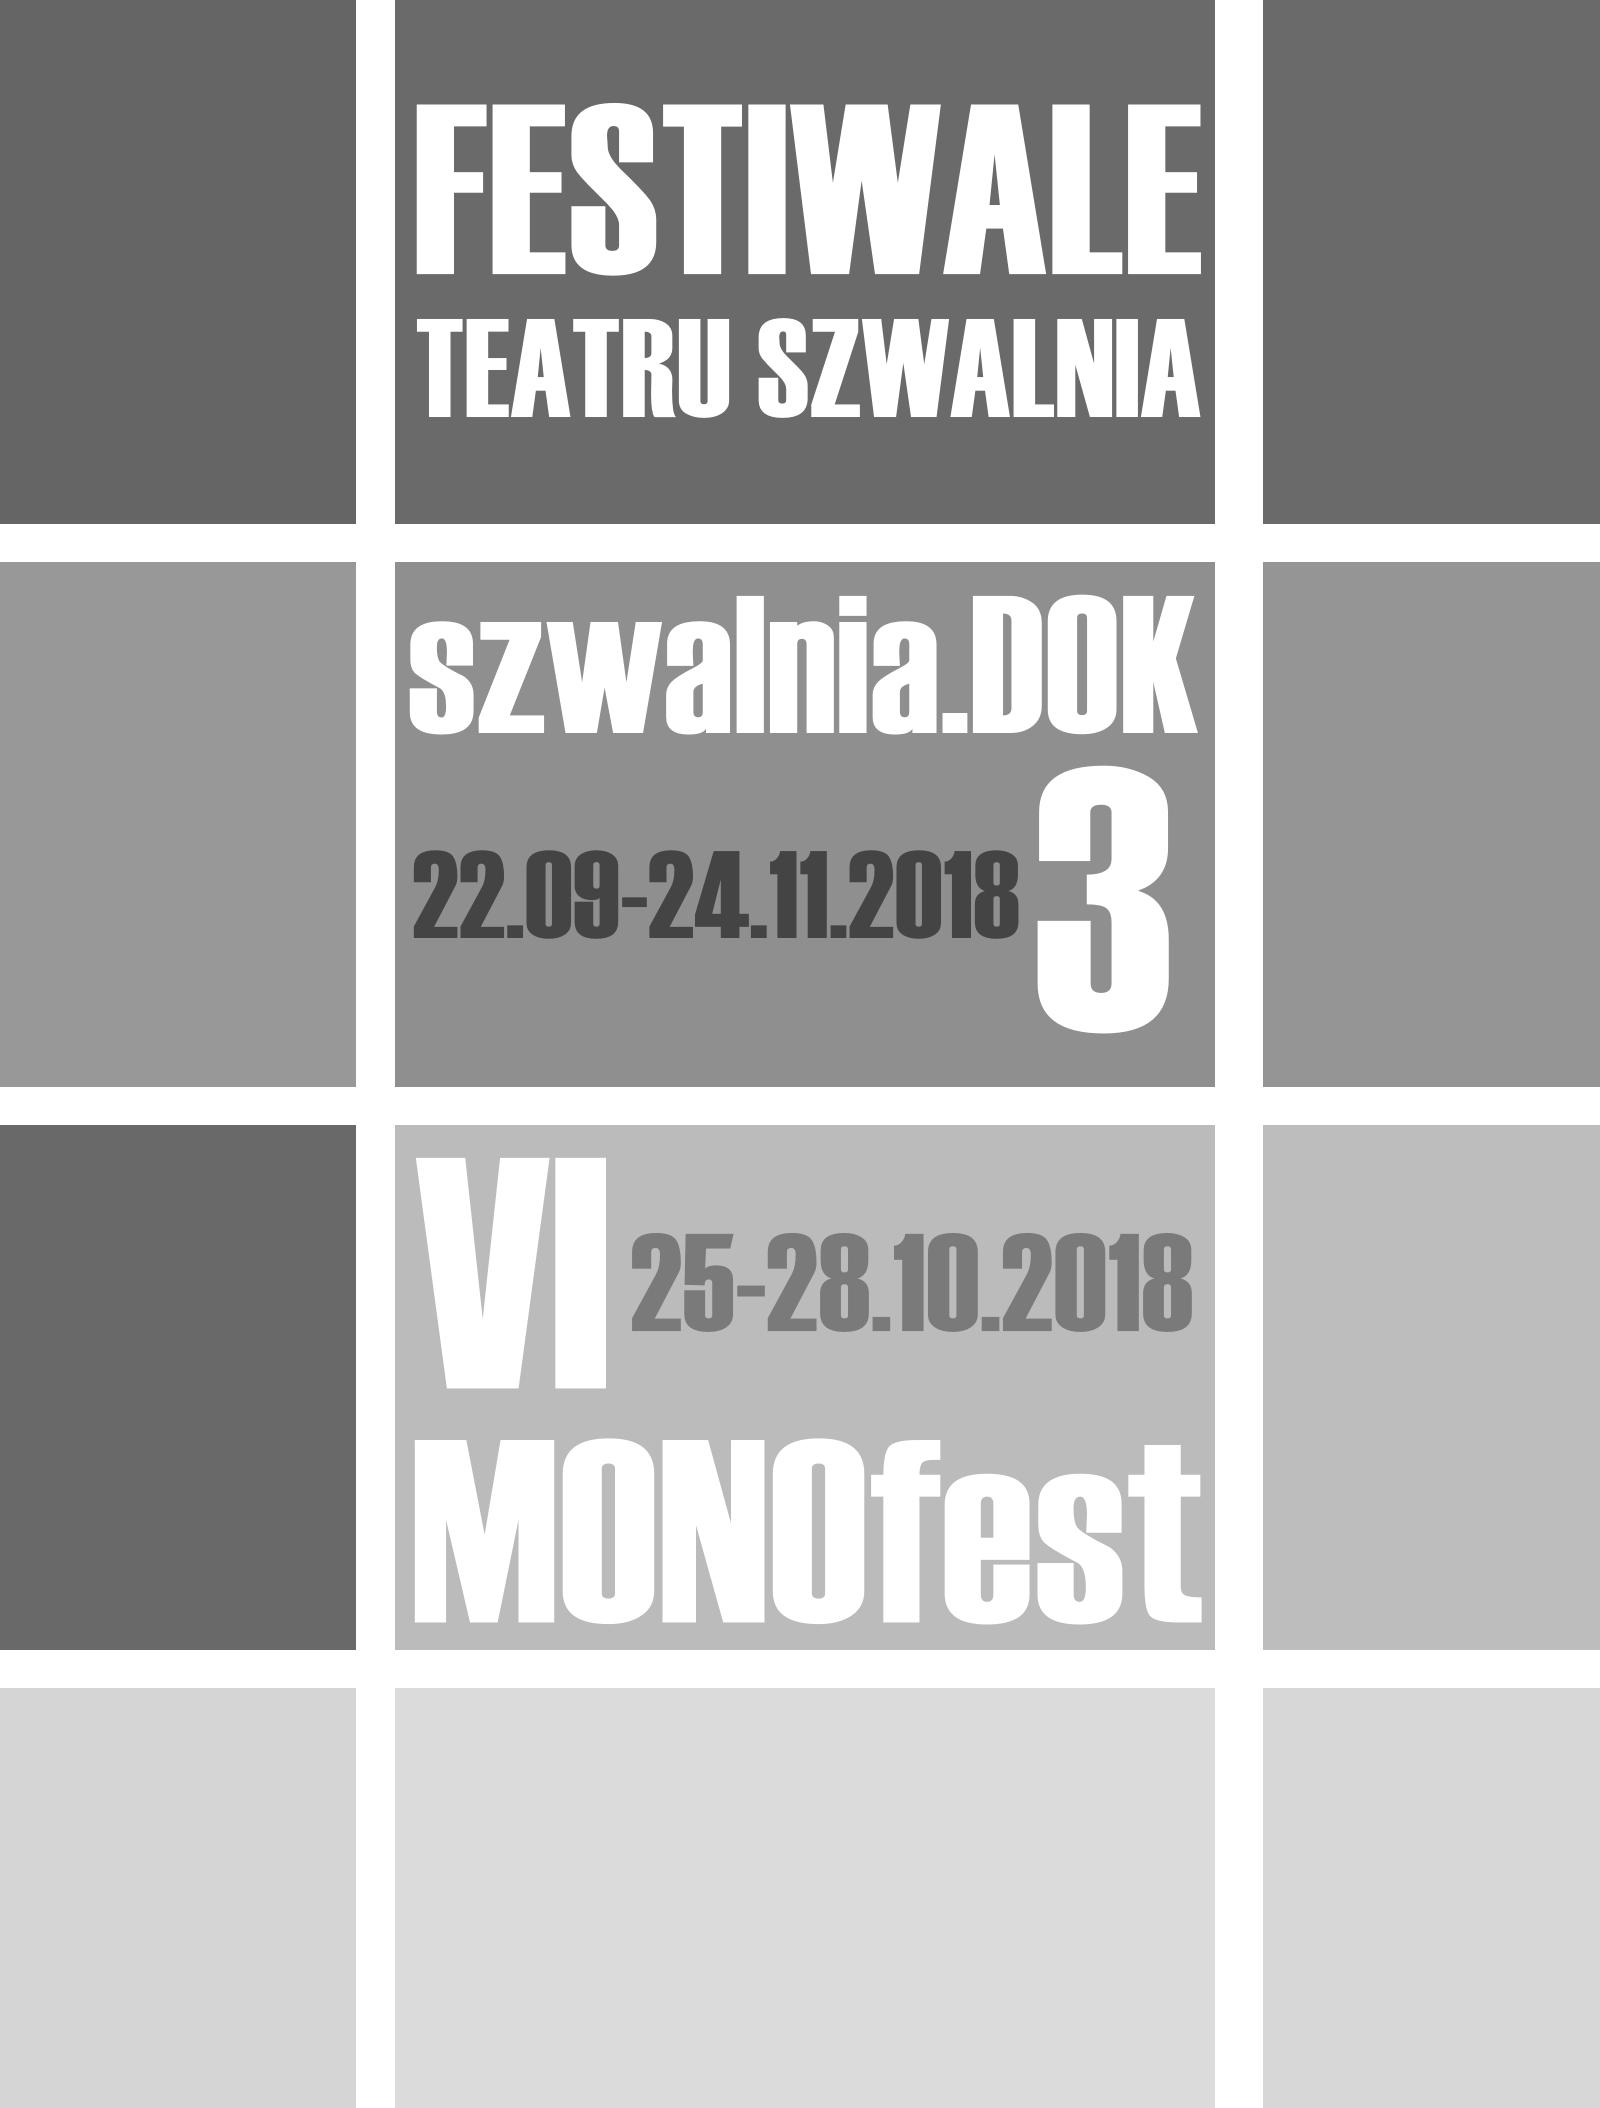 Festiwale Teatru Szwalnia 2018 Teatr Szwalnia